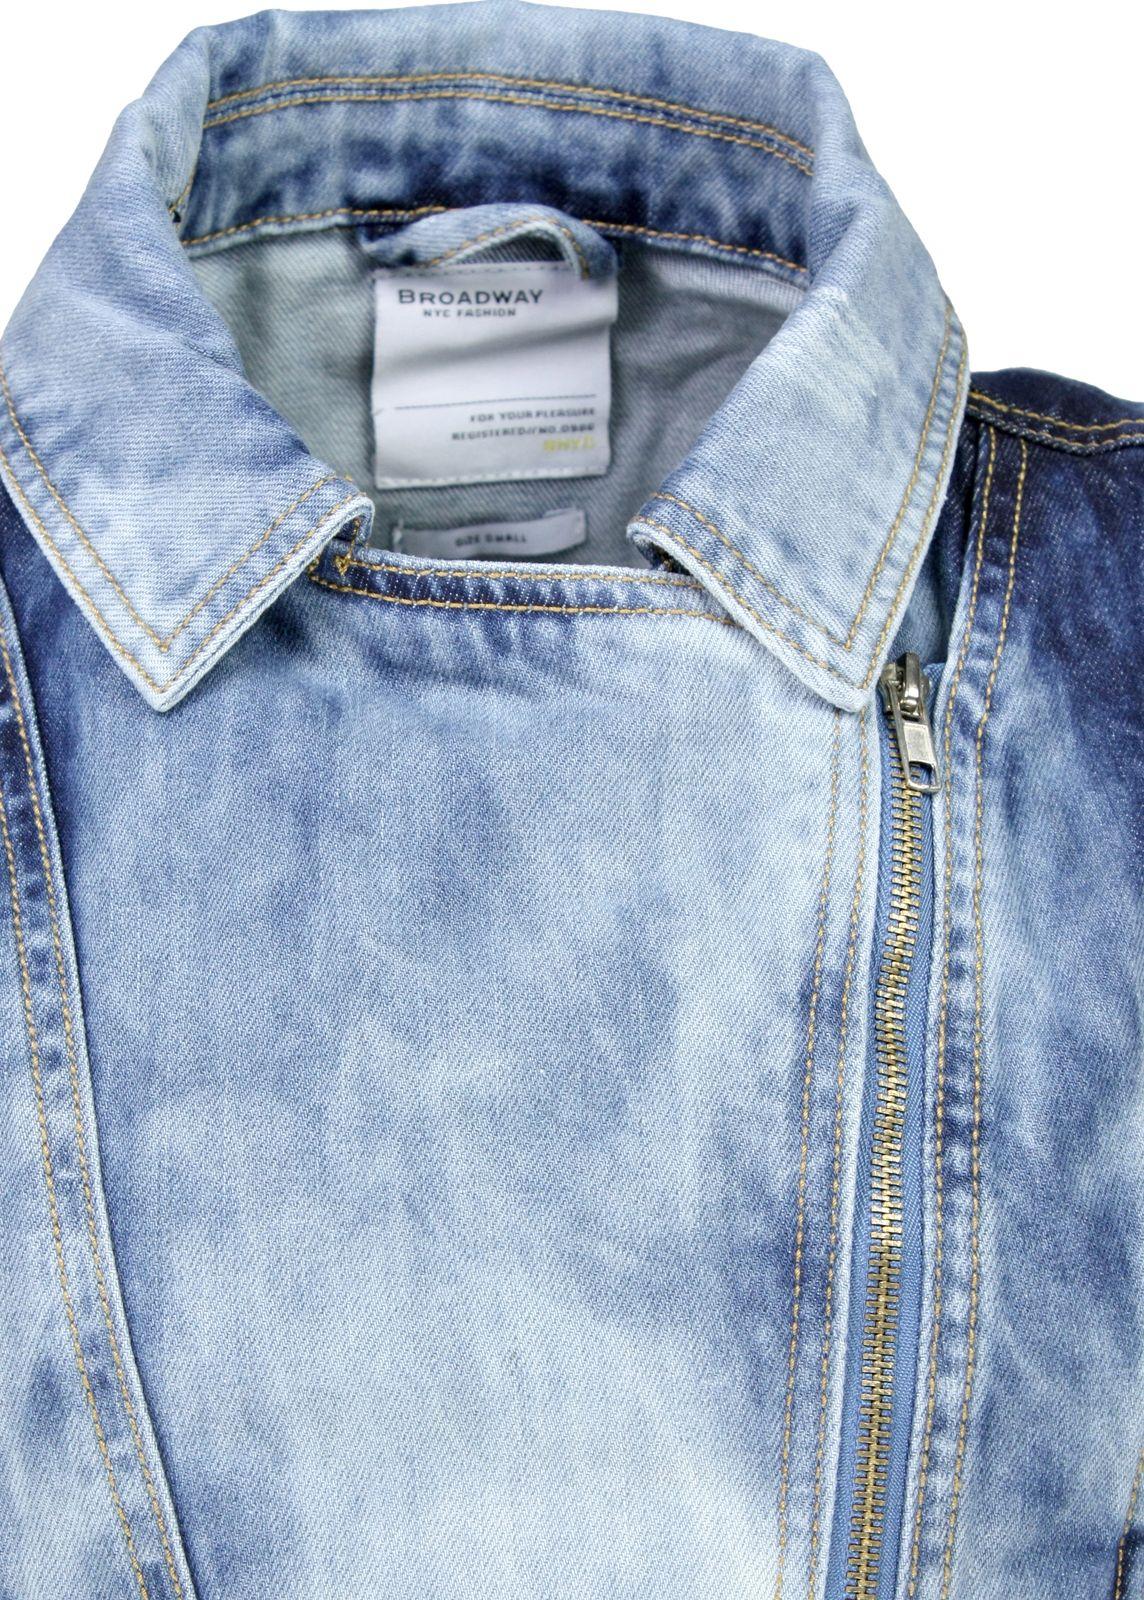 broadway nyc jeansweste fettebeute online shop. Black Bedroom Furniture Sets. Home Design Ideas